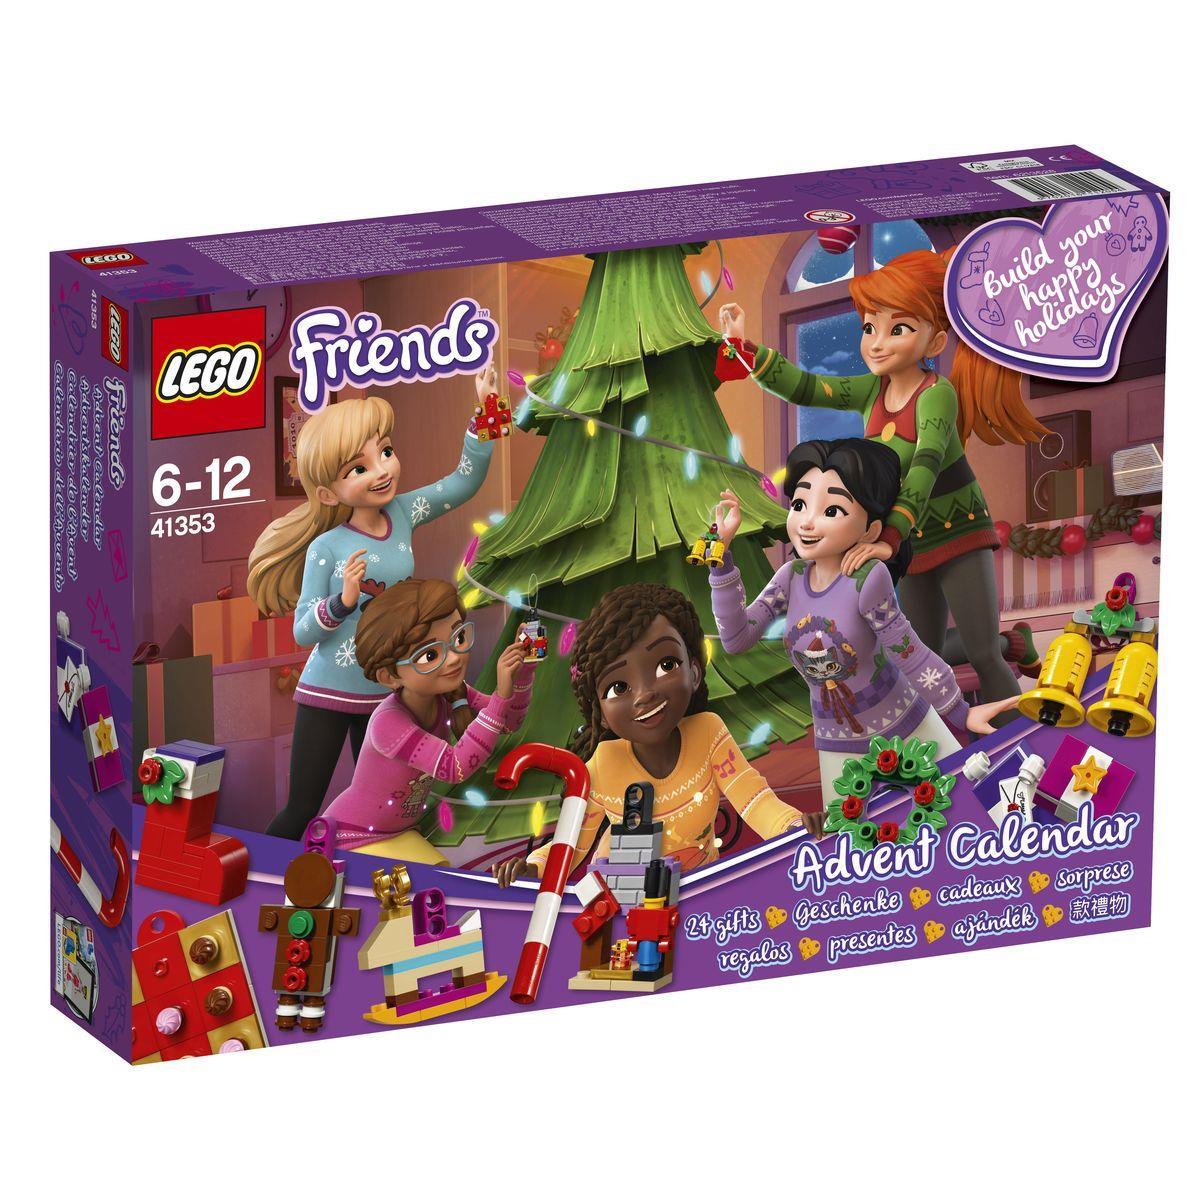 Zu Weihnachten.Lego Friends 41353 Adventskalender Mit Weihnachtsschmuck Passend Zu Weihnachten